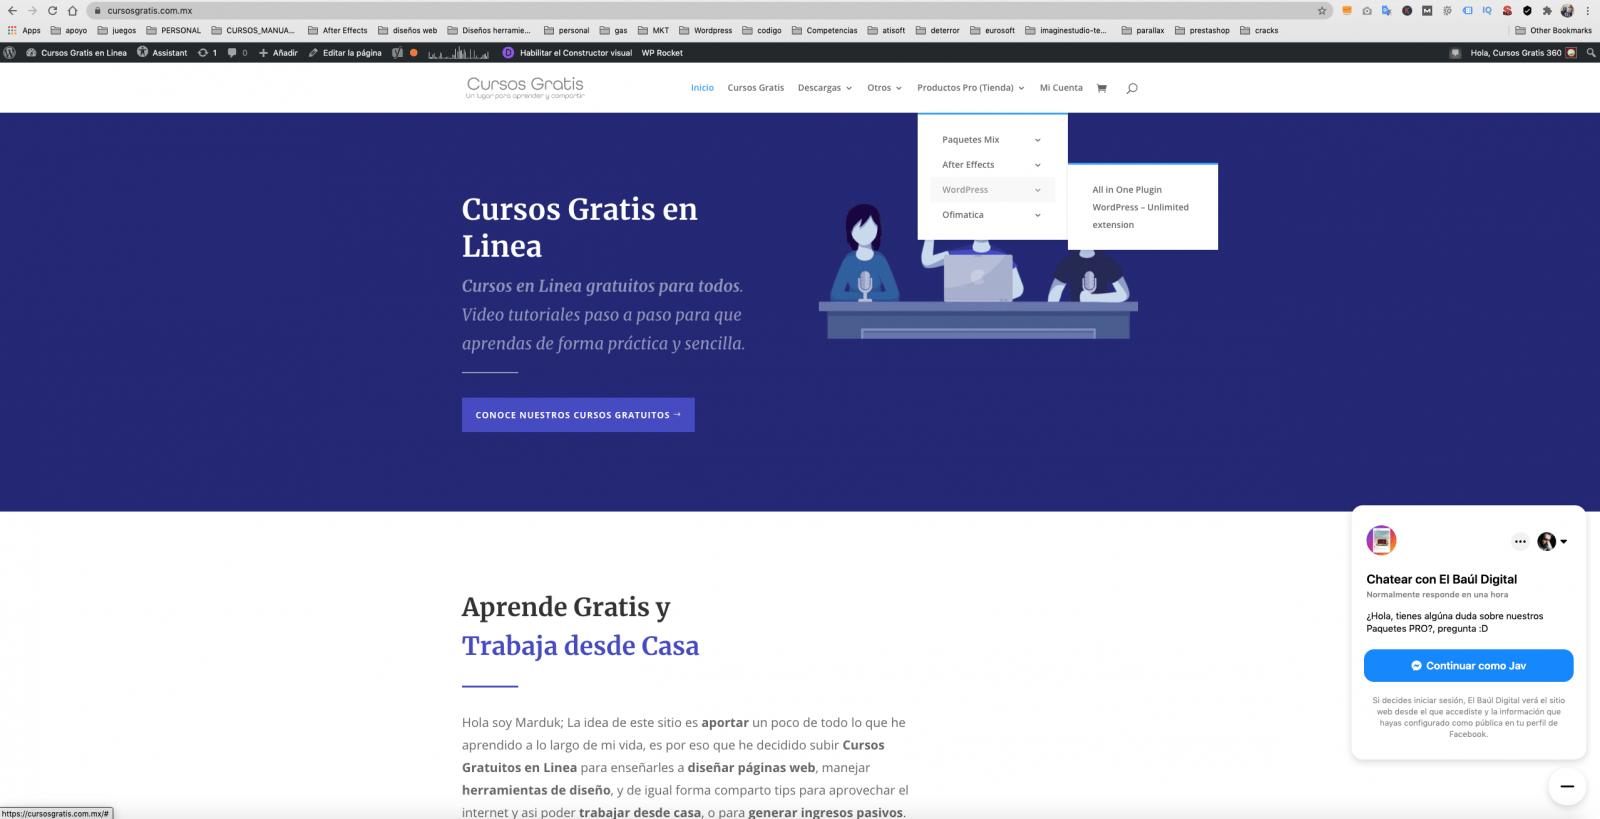 diseño de pagina web cursosgratis